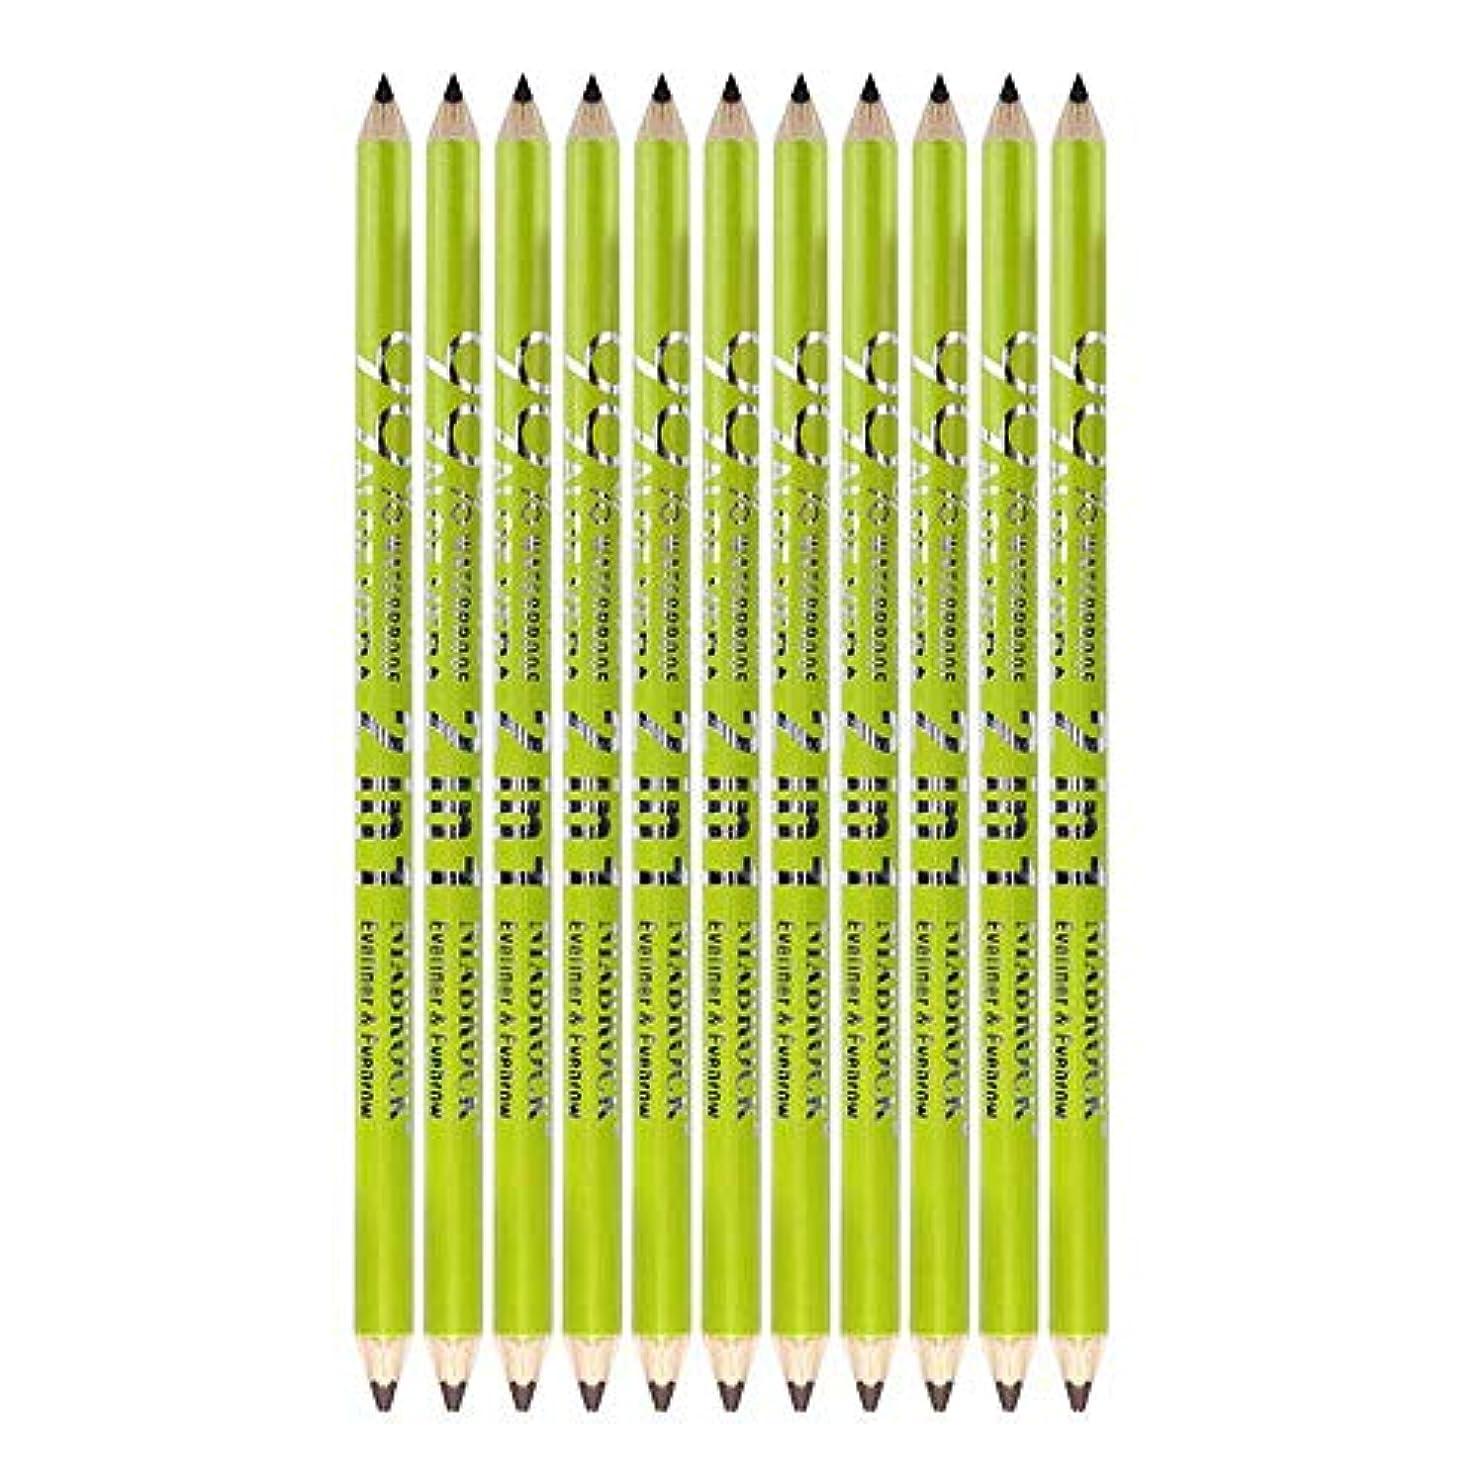 トレイ対称値12ピースアイライナーペンシル防水化粧品アイメイク+鉛筆削り